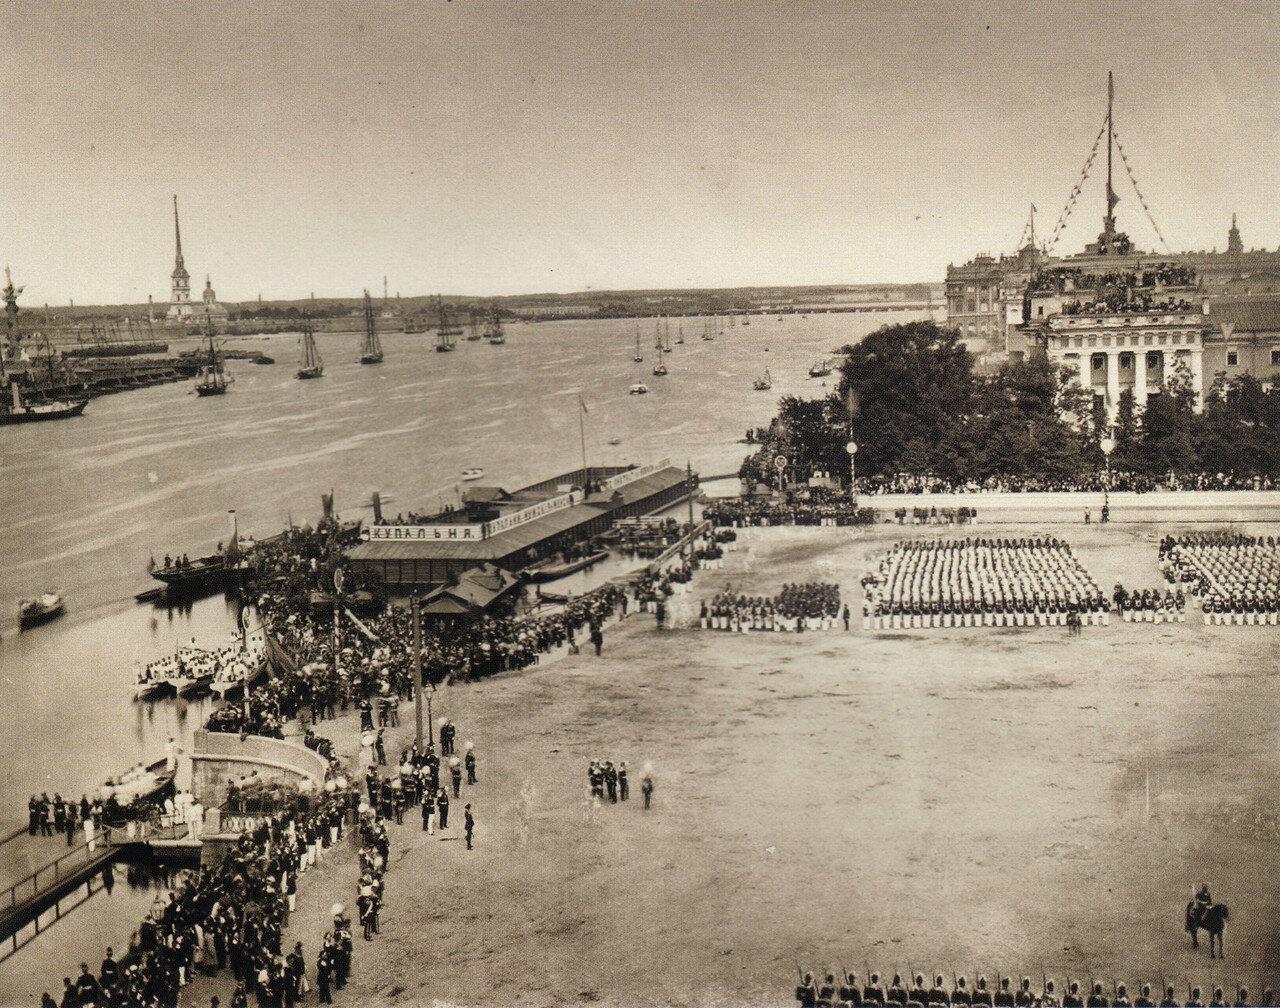 Вид Невы во время отправления процессии из Крепости к памятнику императора Петра Великого. 30 мая 1872